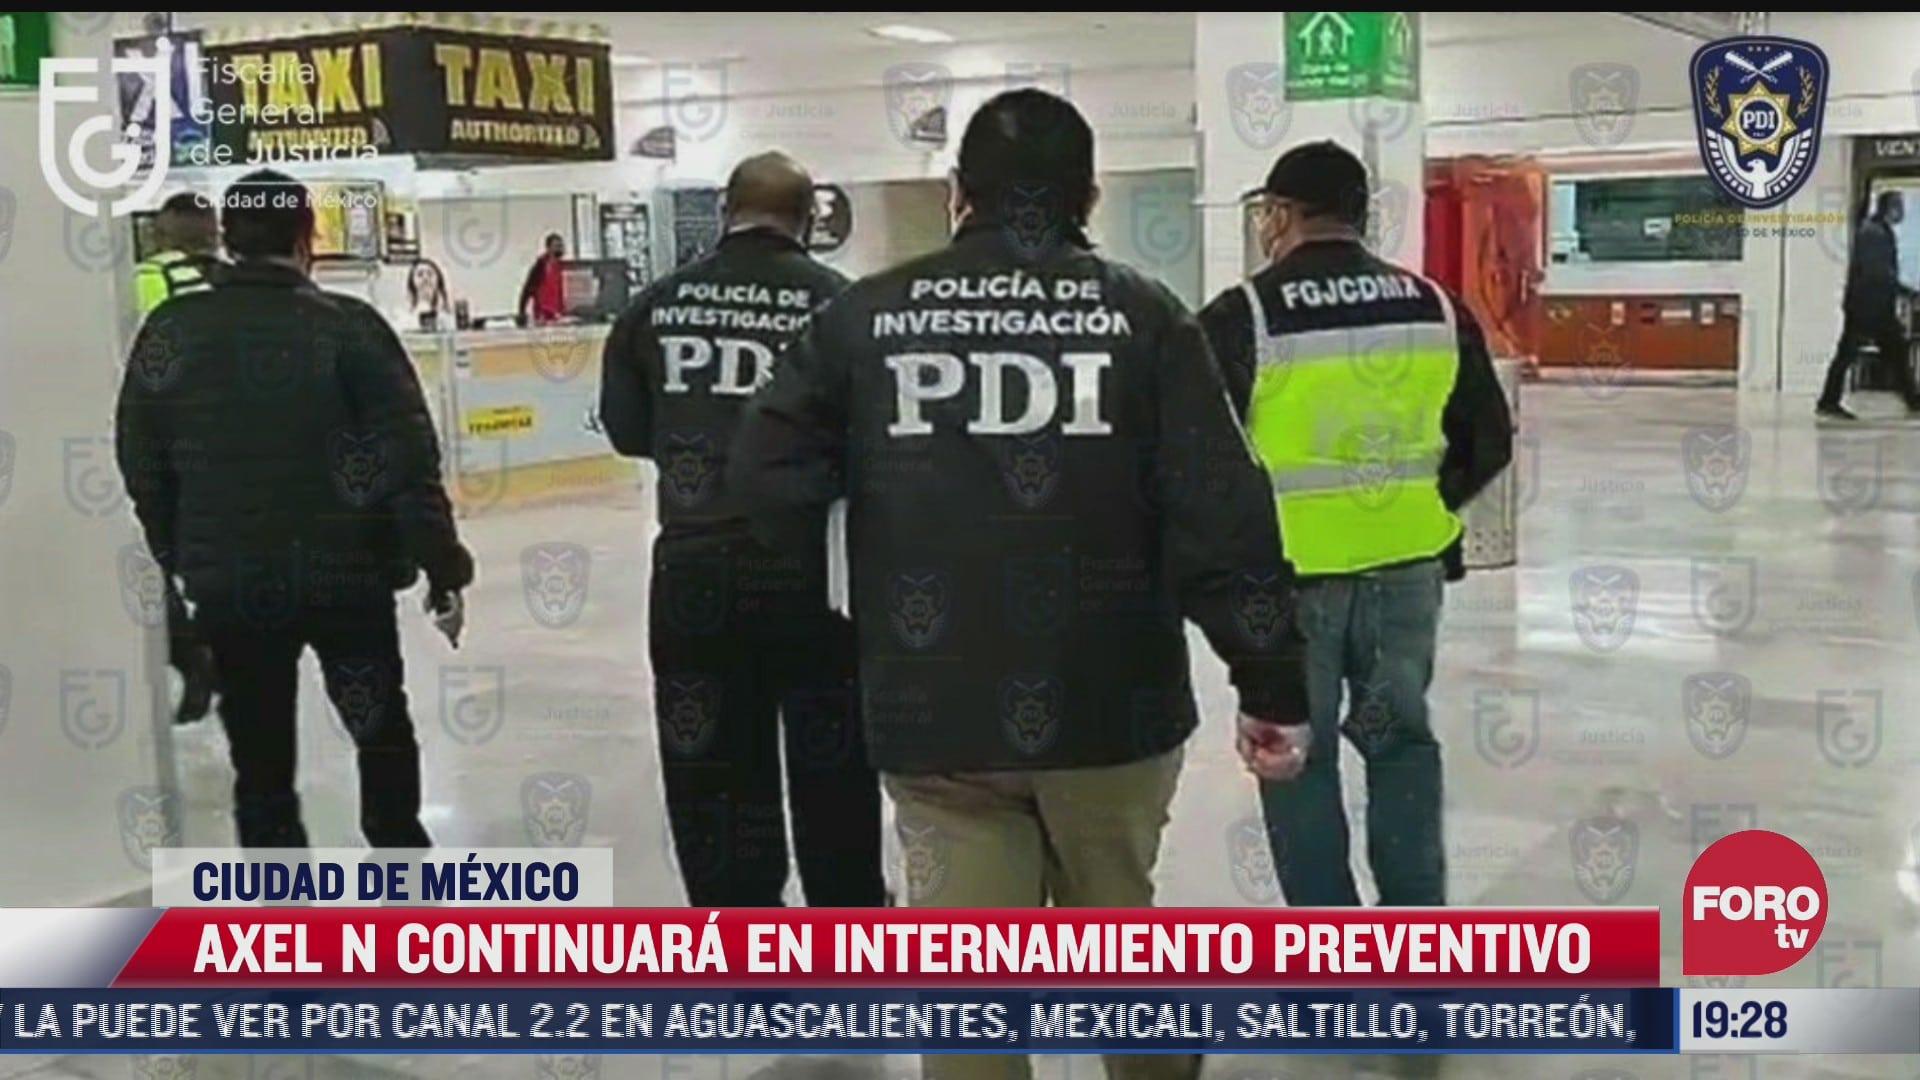 amplian plazo para cierre investigacion de axel n acusado de trata de personas y violacion equiparada